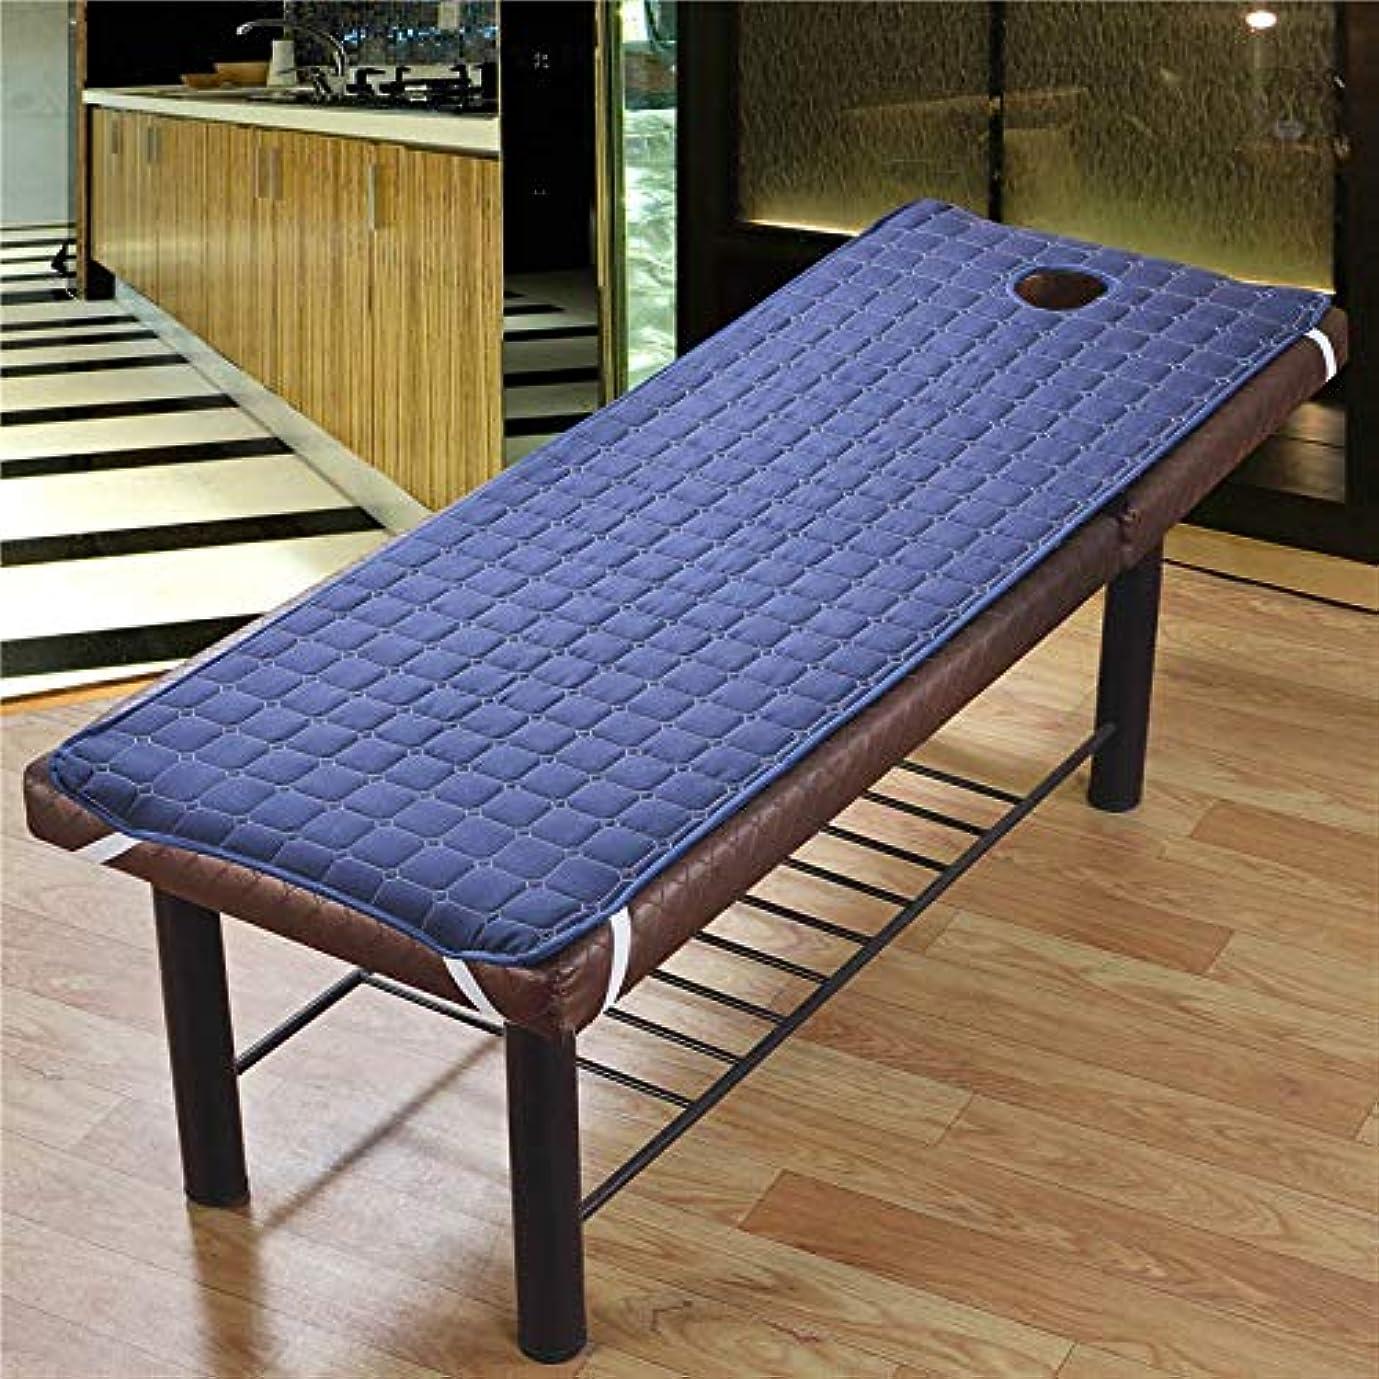 システム踏み台副Tenflyer 美容院のマッサージ療法のベッドのための滑り止めのSoliod色の長方形のマットレス